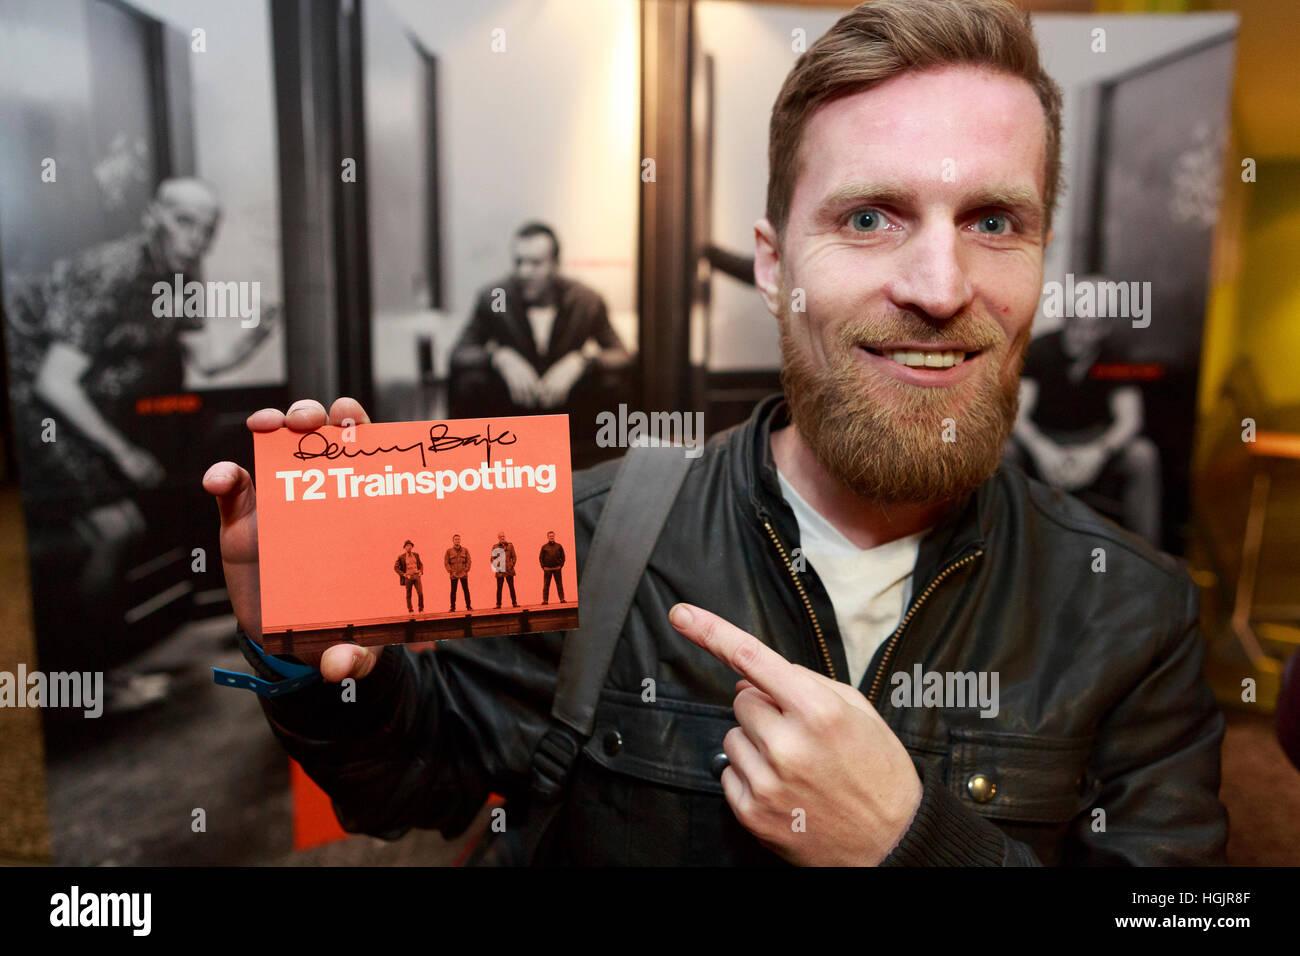 Edinburgh, Regno Unito. Il 22 gennaio, 2017. T2 Trainspotting premiere a Edimburgo Cineworld. La Scozia. Foto di Immagini Stock